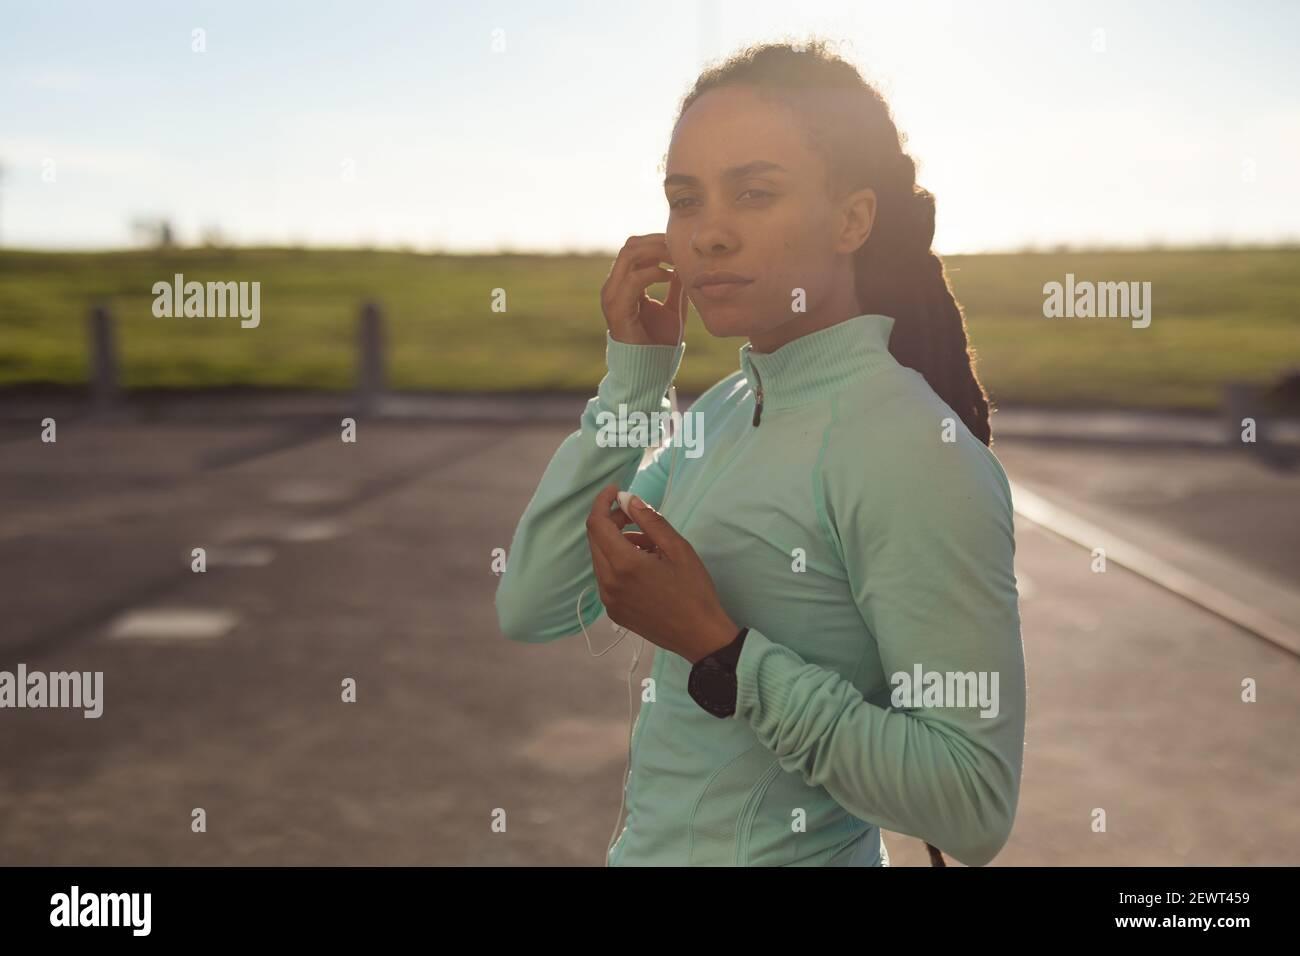 Mujer afroamericana que se concentra, llevando ropa deportiva haciendo ejercicio en el parque poniendo auriculares Foto de stock